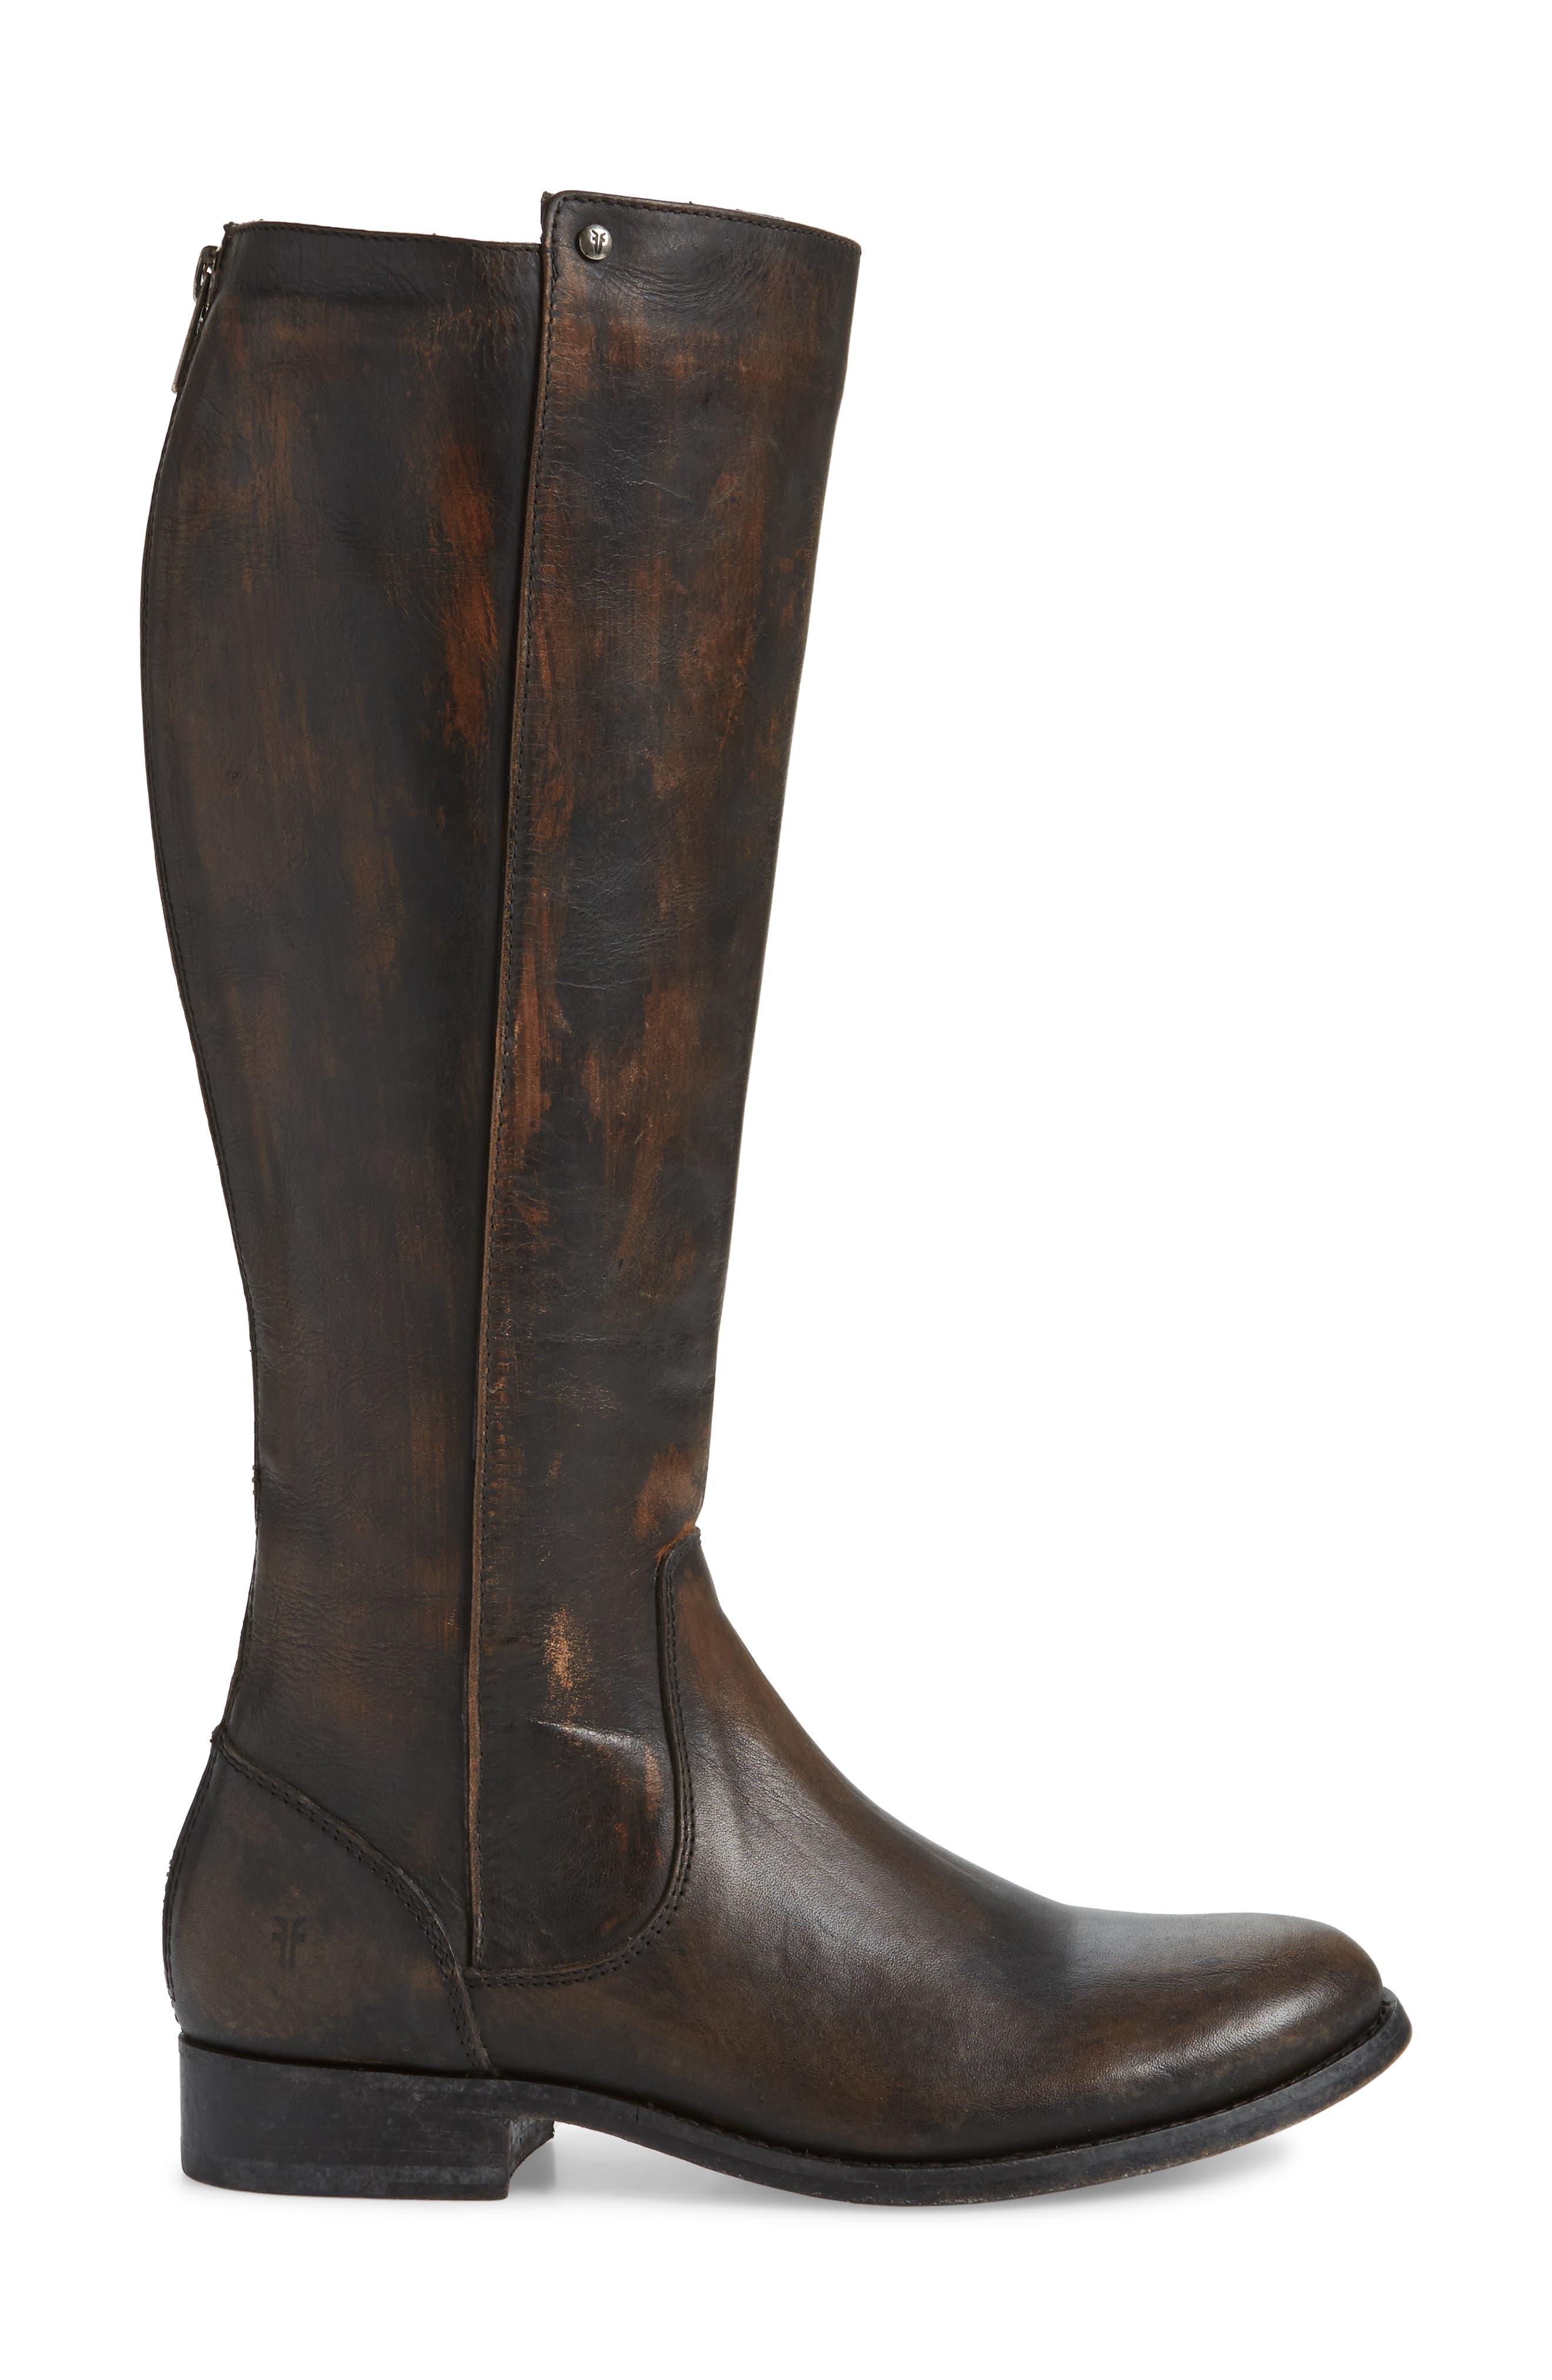 Melissa Stud Knee High Boot,                             Alternate thumbnail 3, color,                             BLACK LEATHER